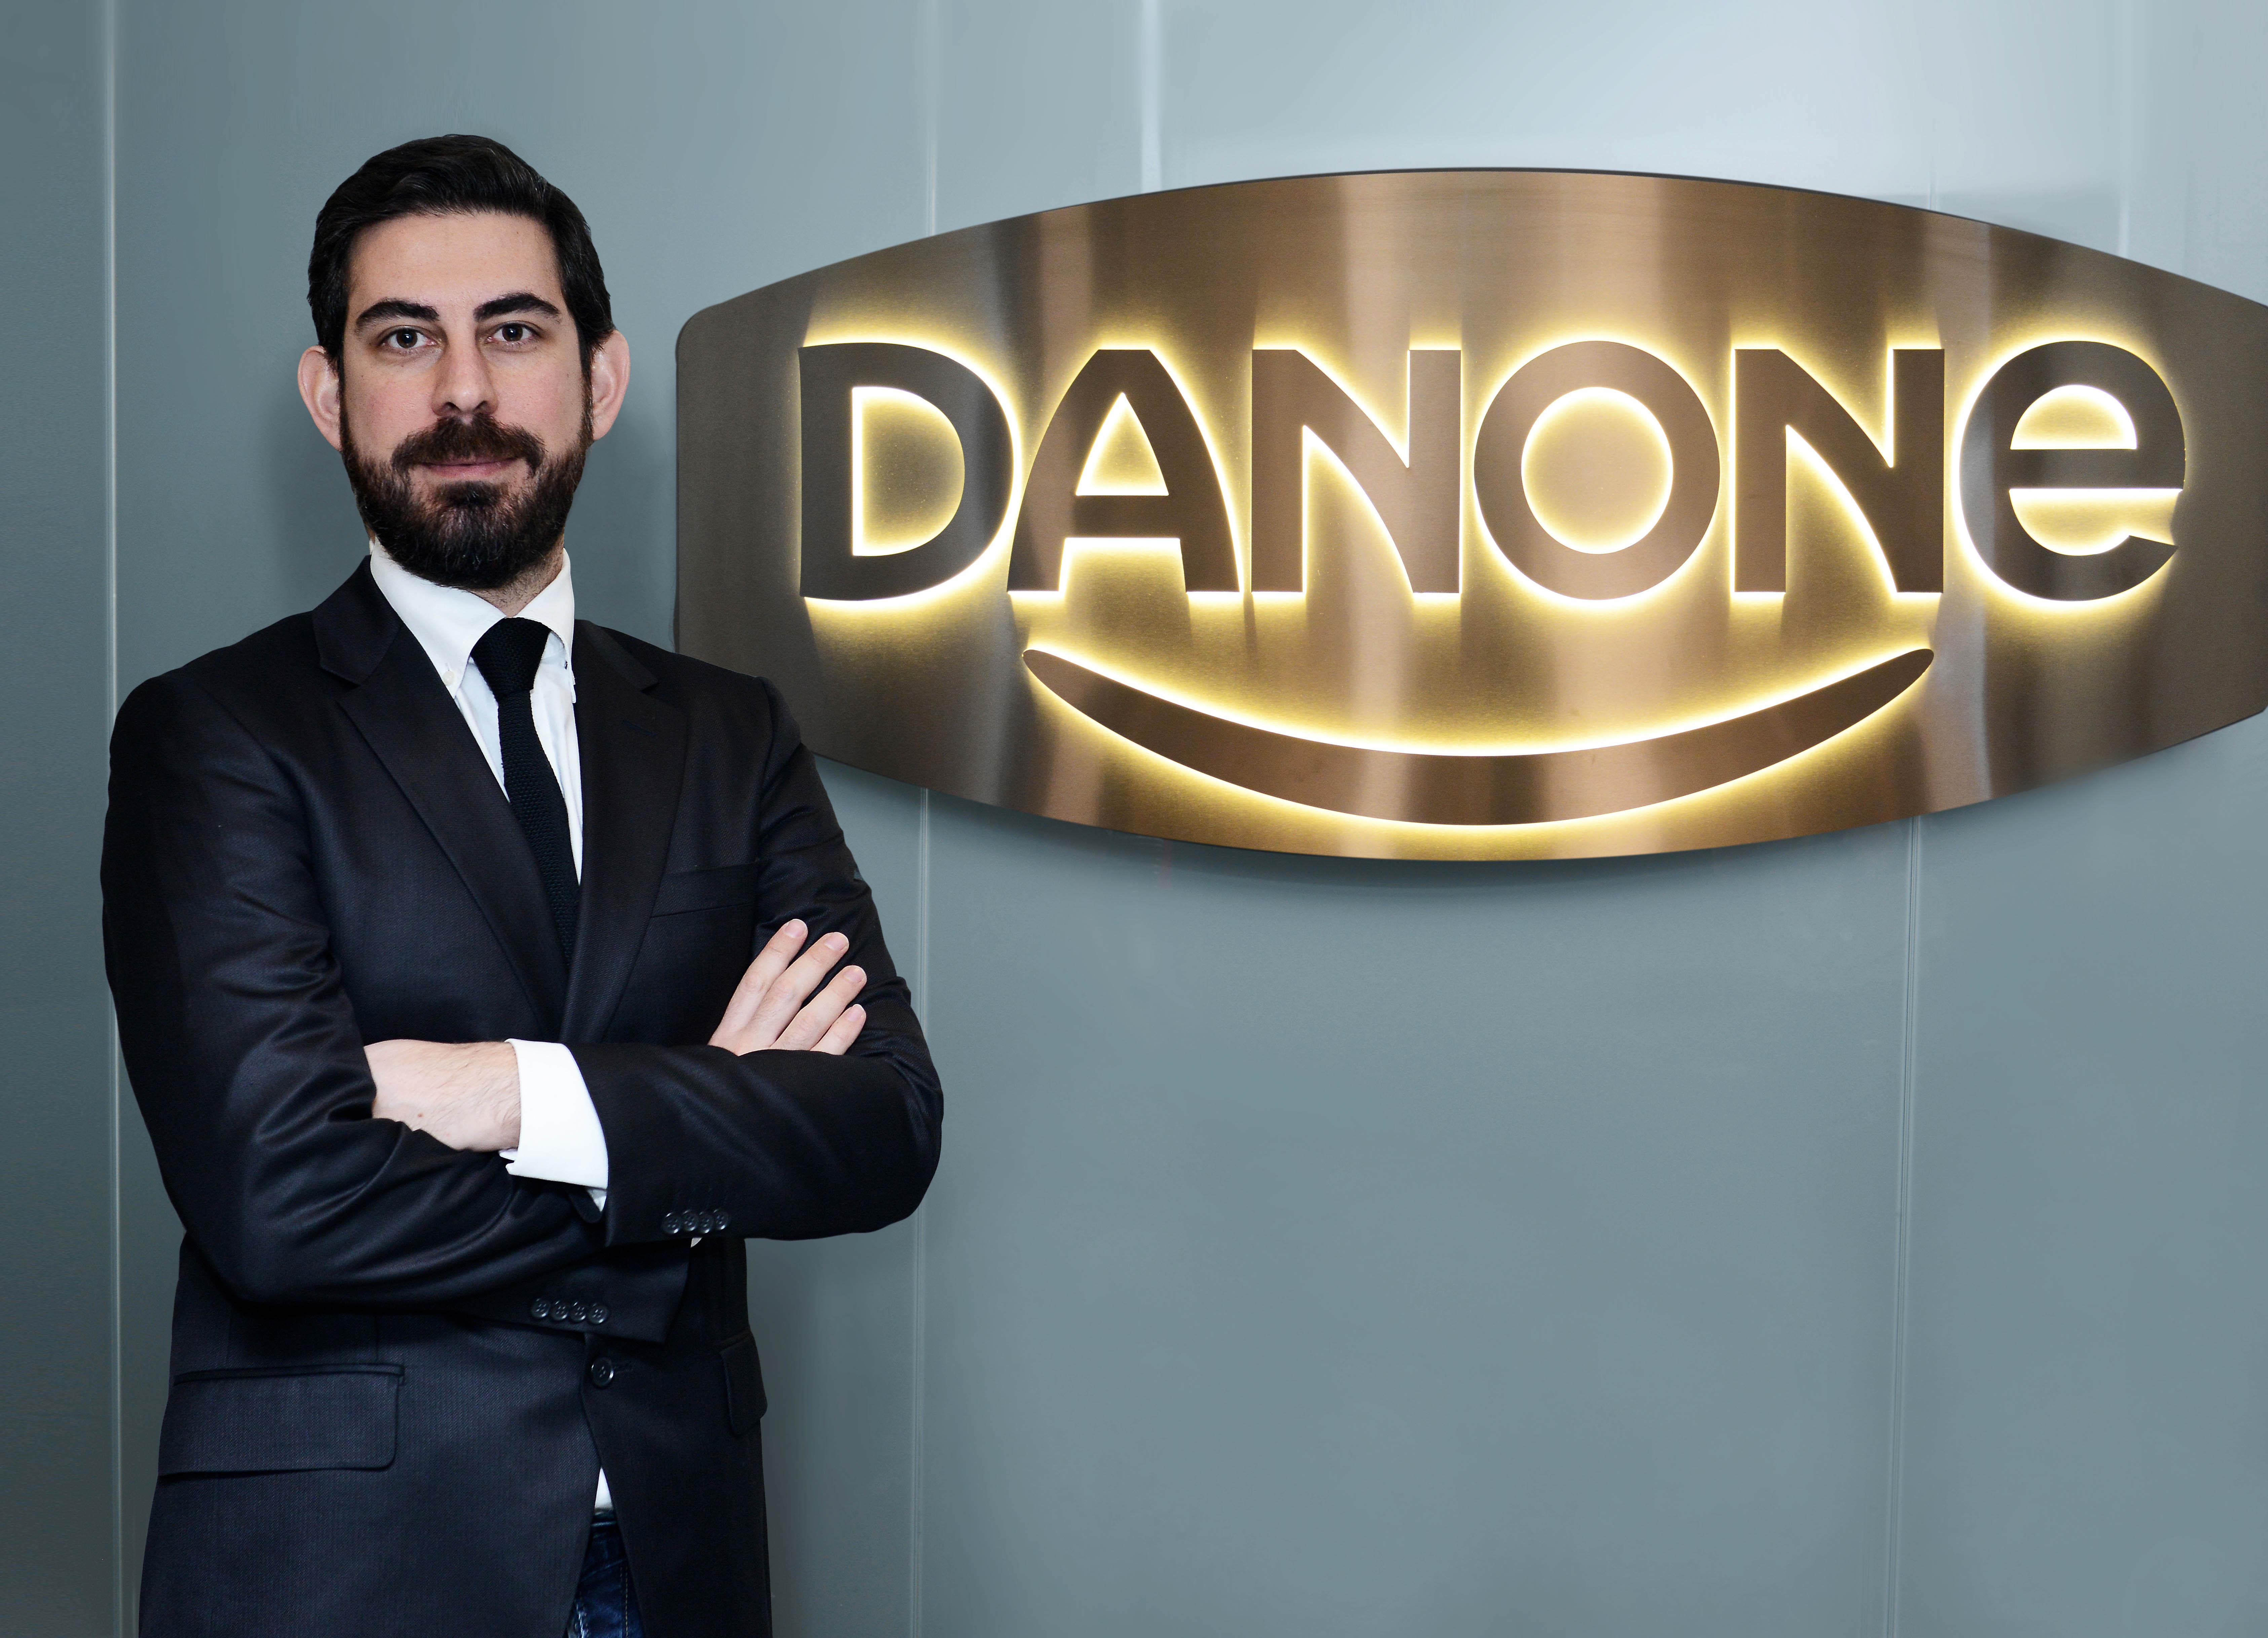 Danone Türkiye Sütlü Ürünler Pazarlama Direktörlüğü'ne yeni atama